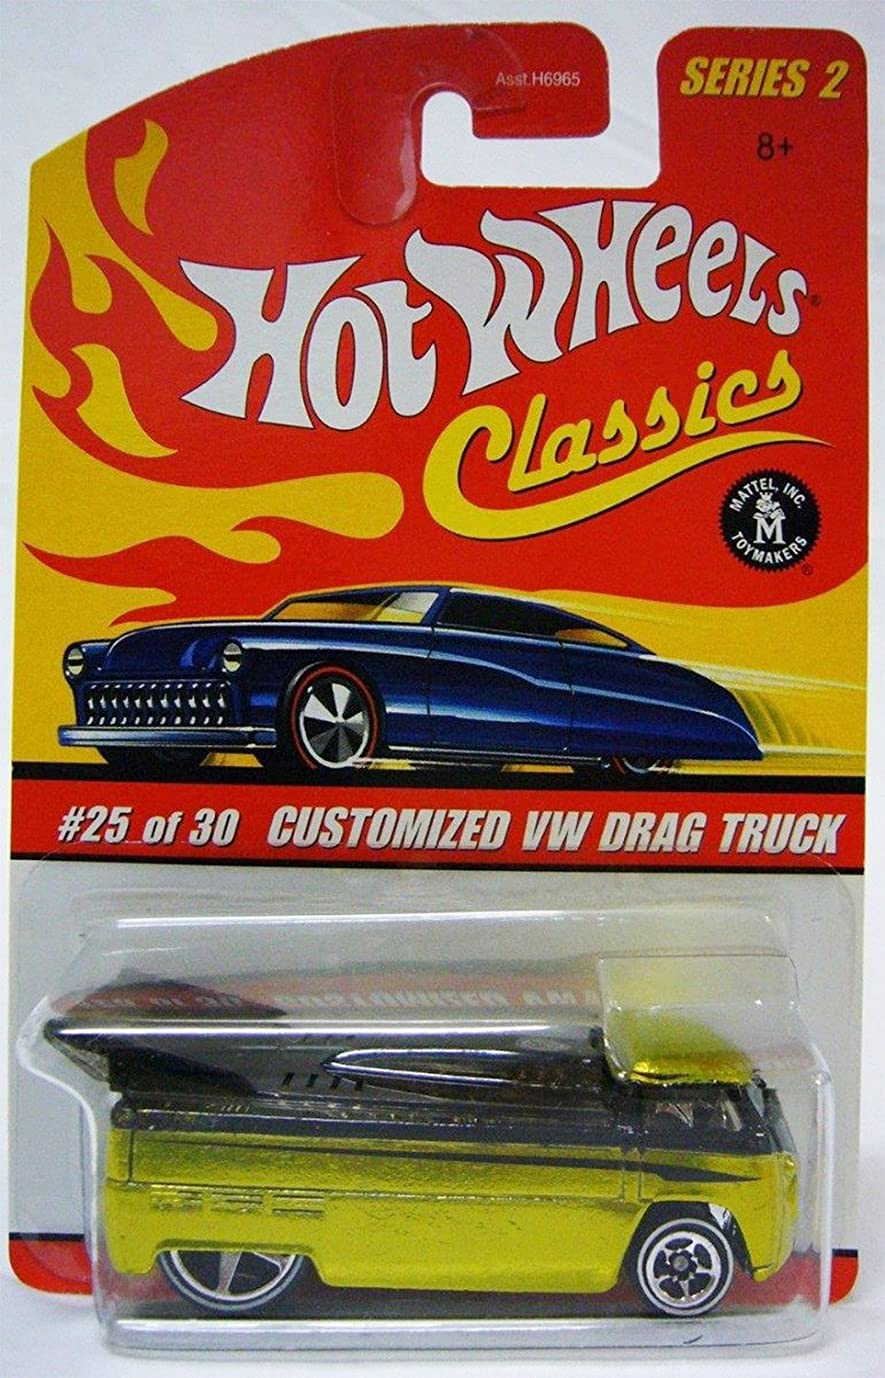 ビュッフェピッチシェアHot Wheels Classics Series 2 Customized Green/White VW Drag Truck 25/30 Collector Car